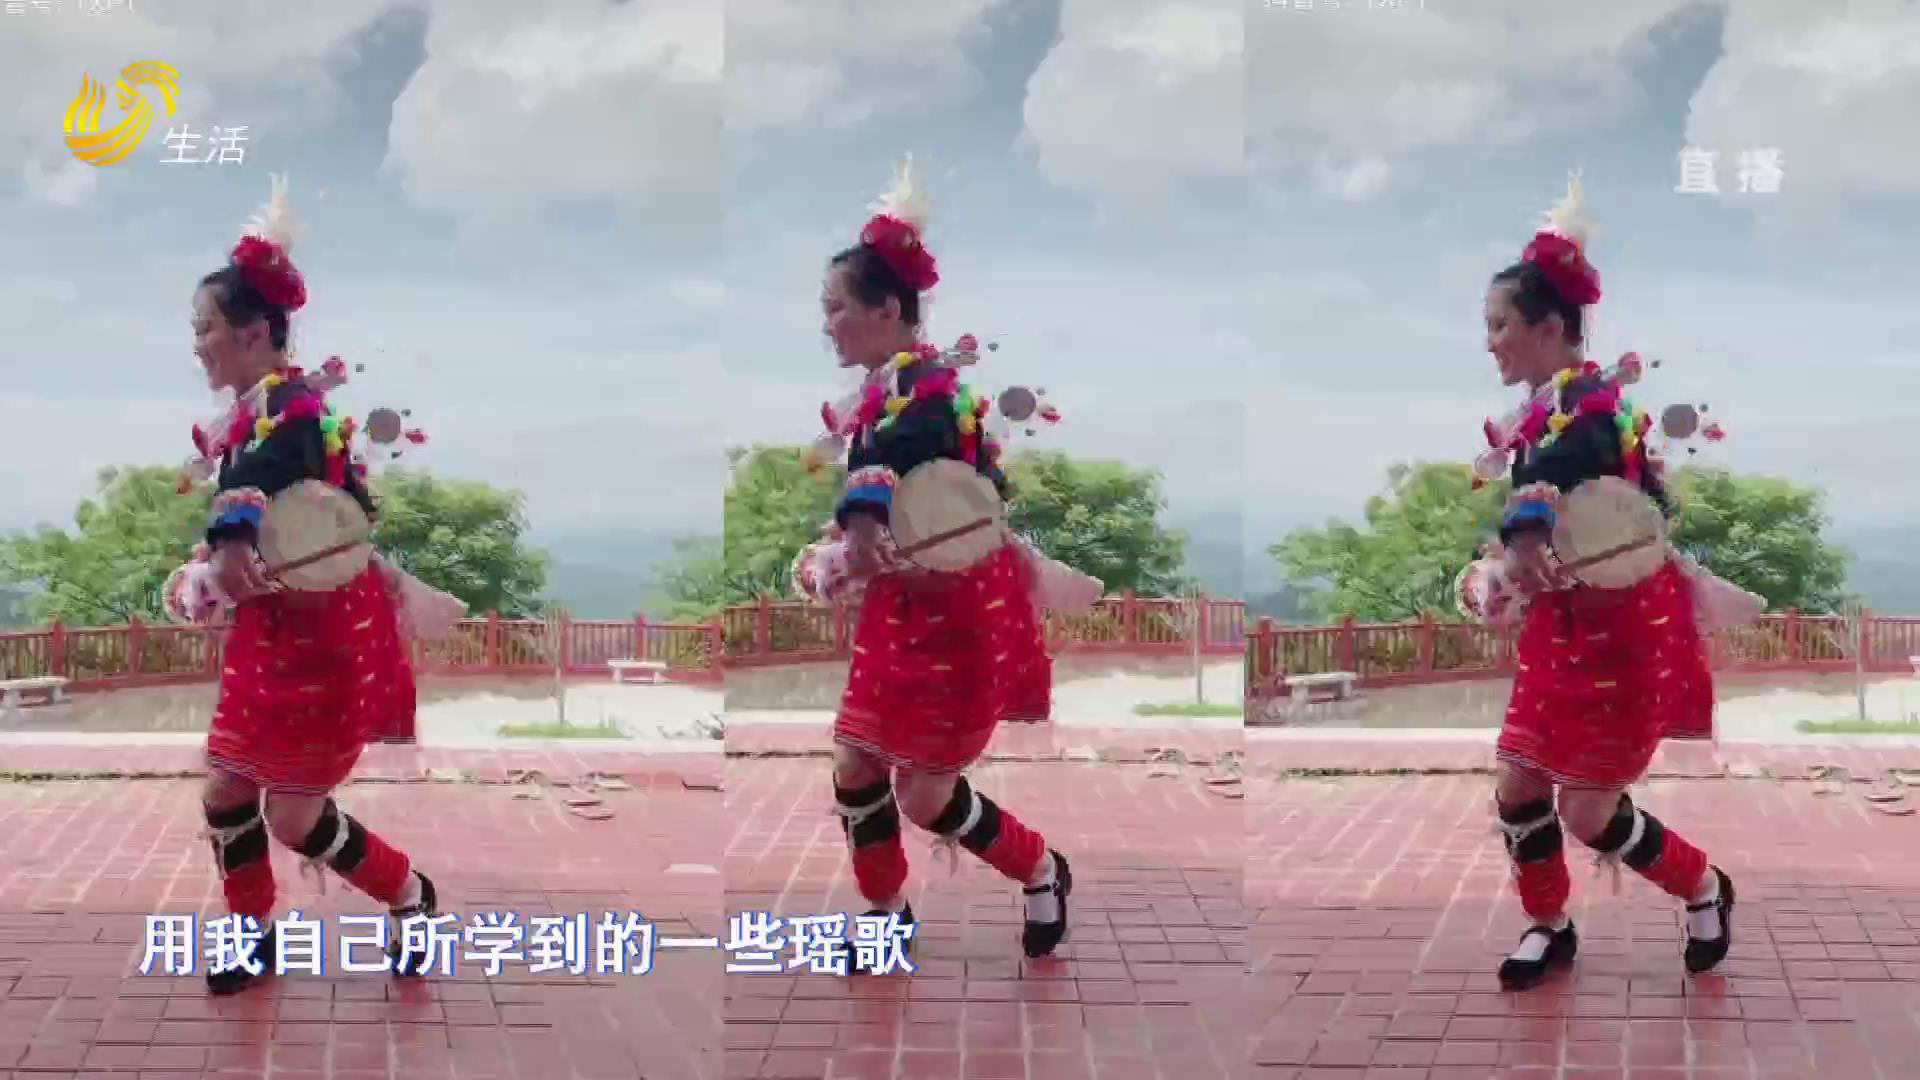 油岭古镇的瑶族姑娘